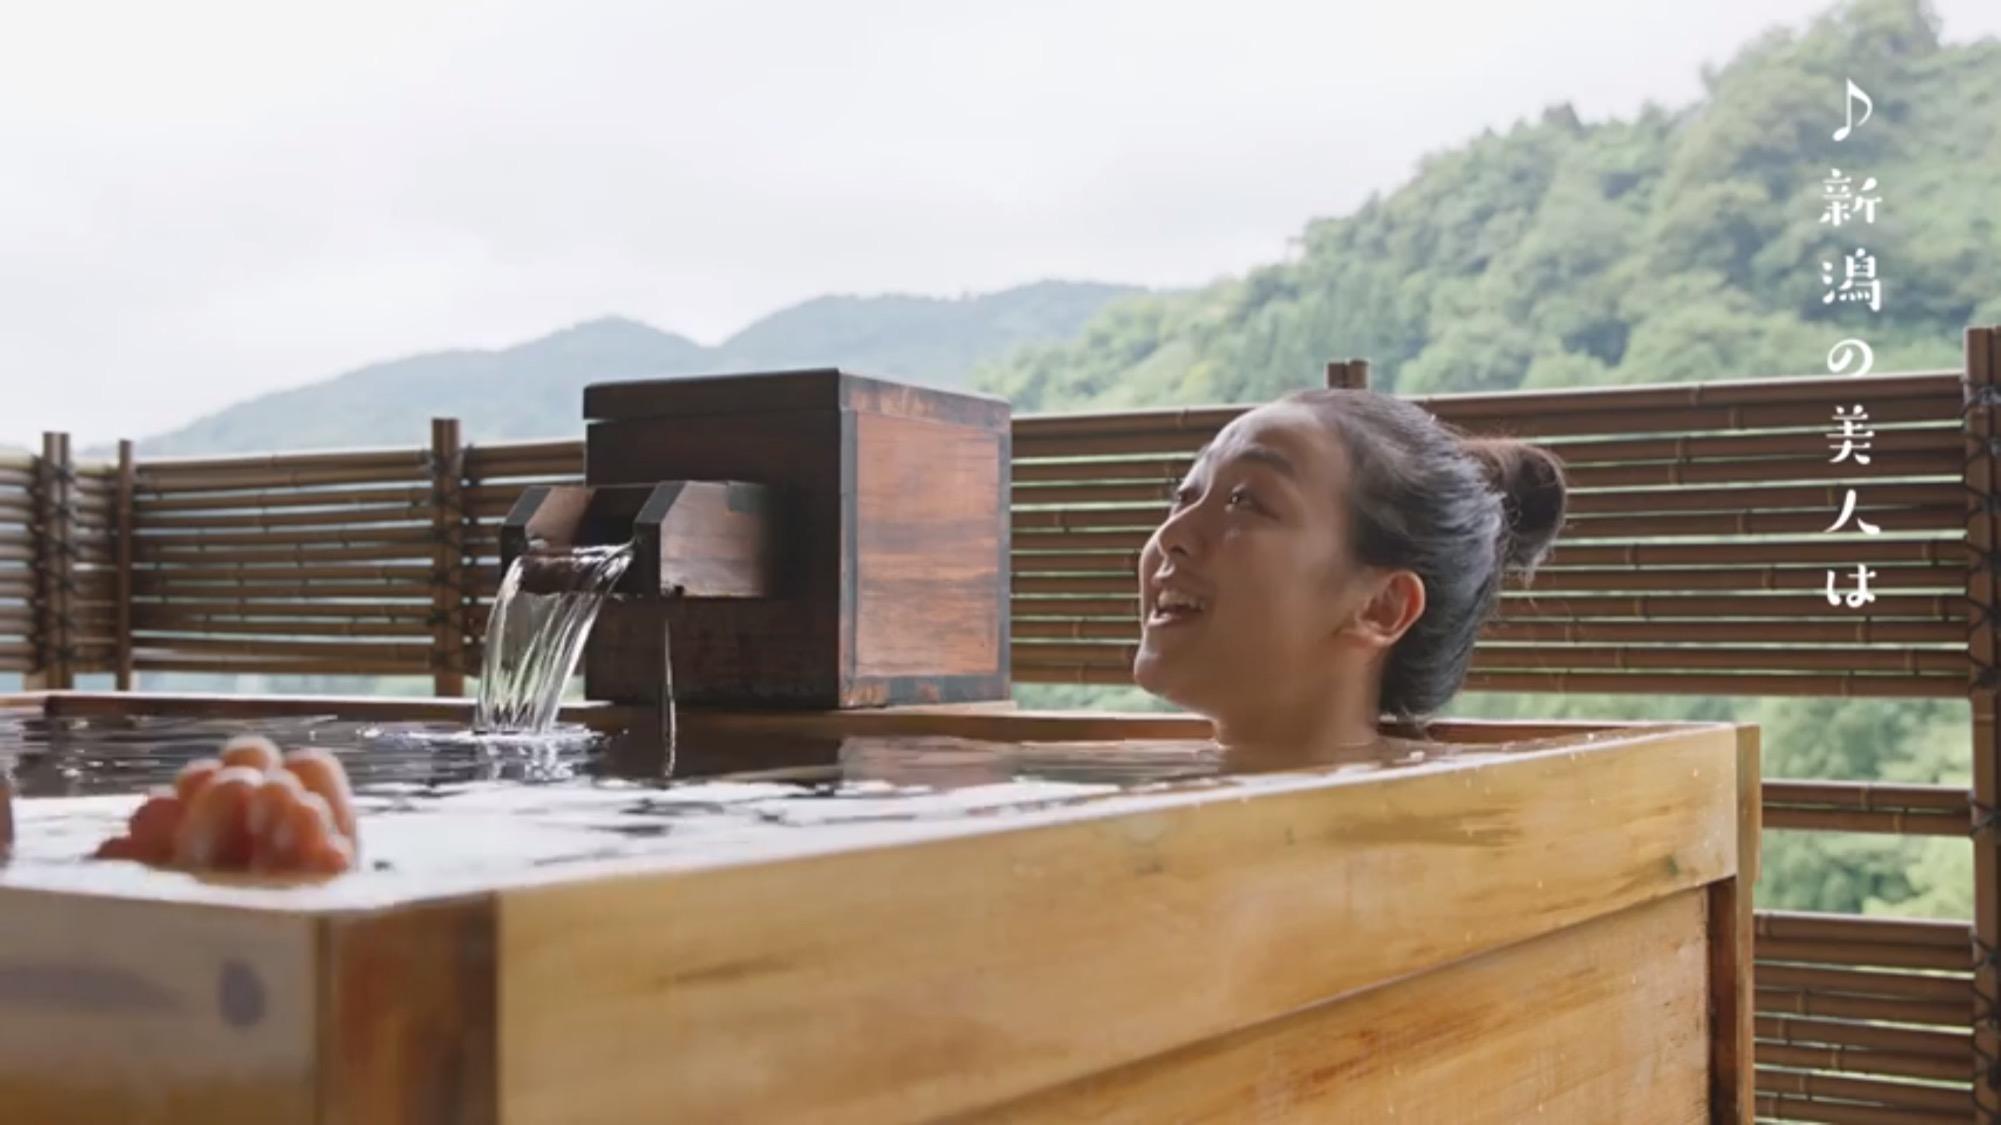 浅田真央がCMで温泉に入浴。セクシーショットにファンは大興奮